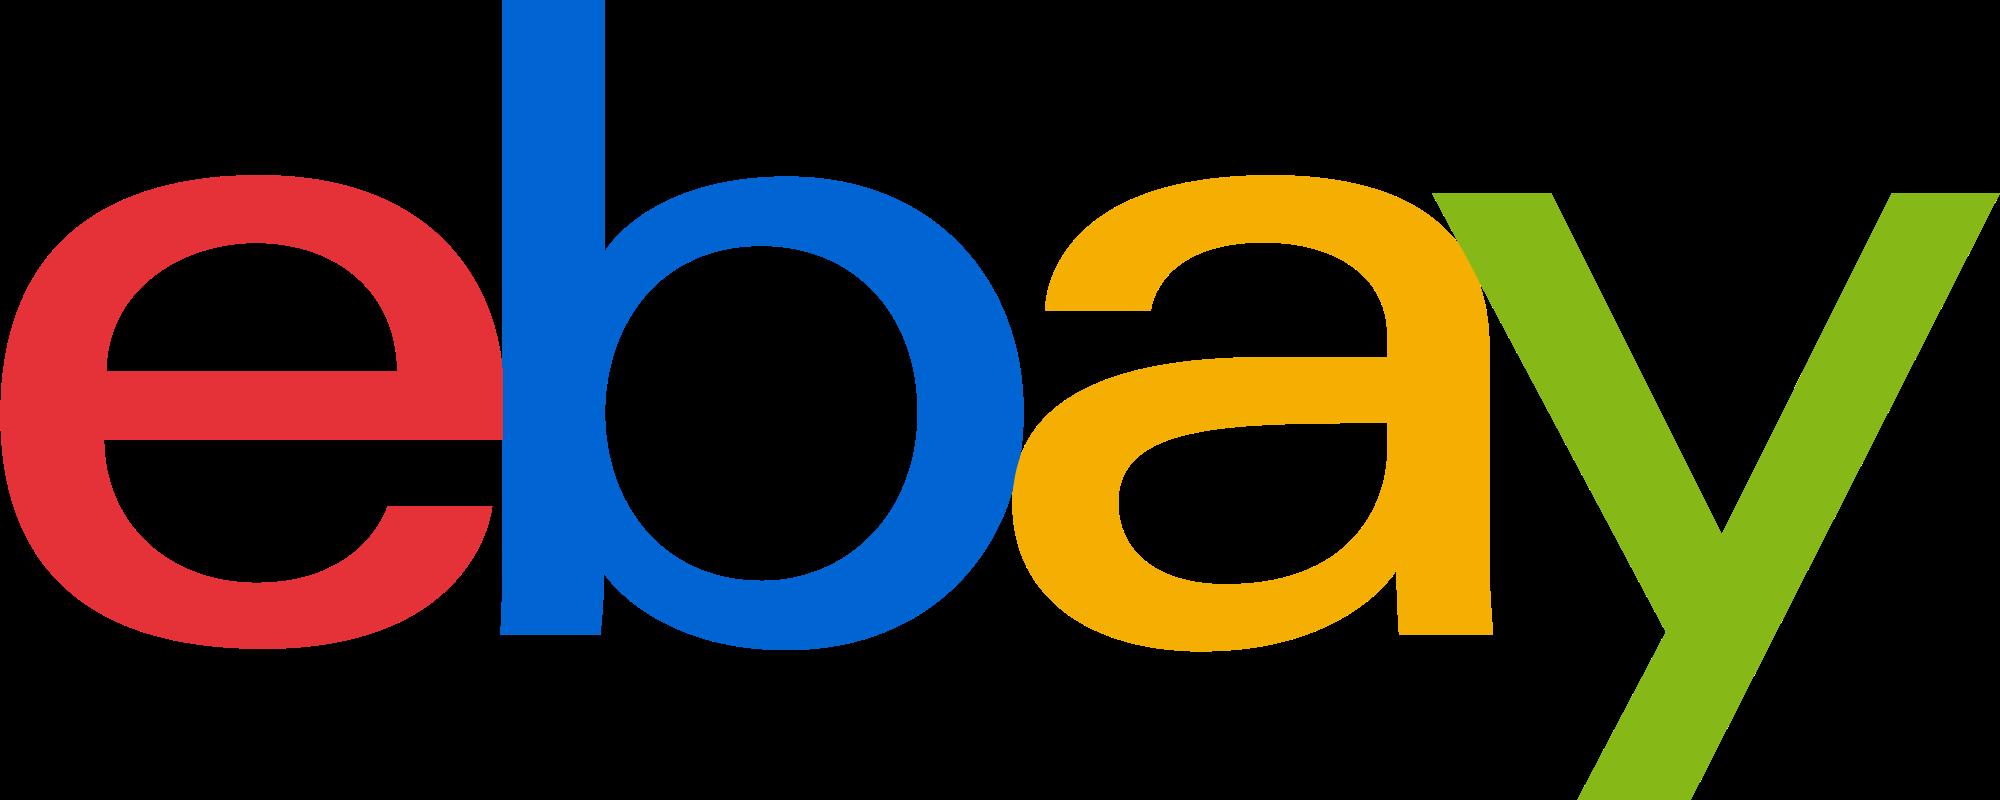 eBay Reviews - ProductReview.com.au